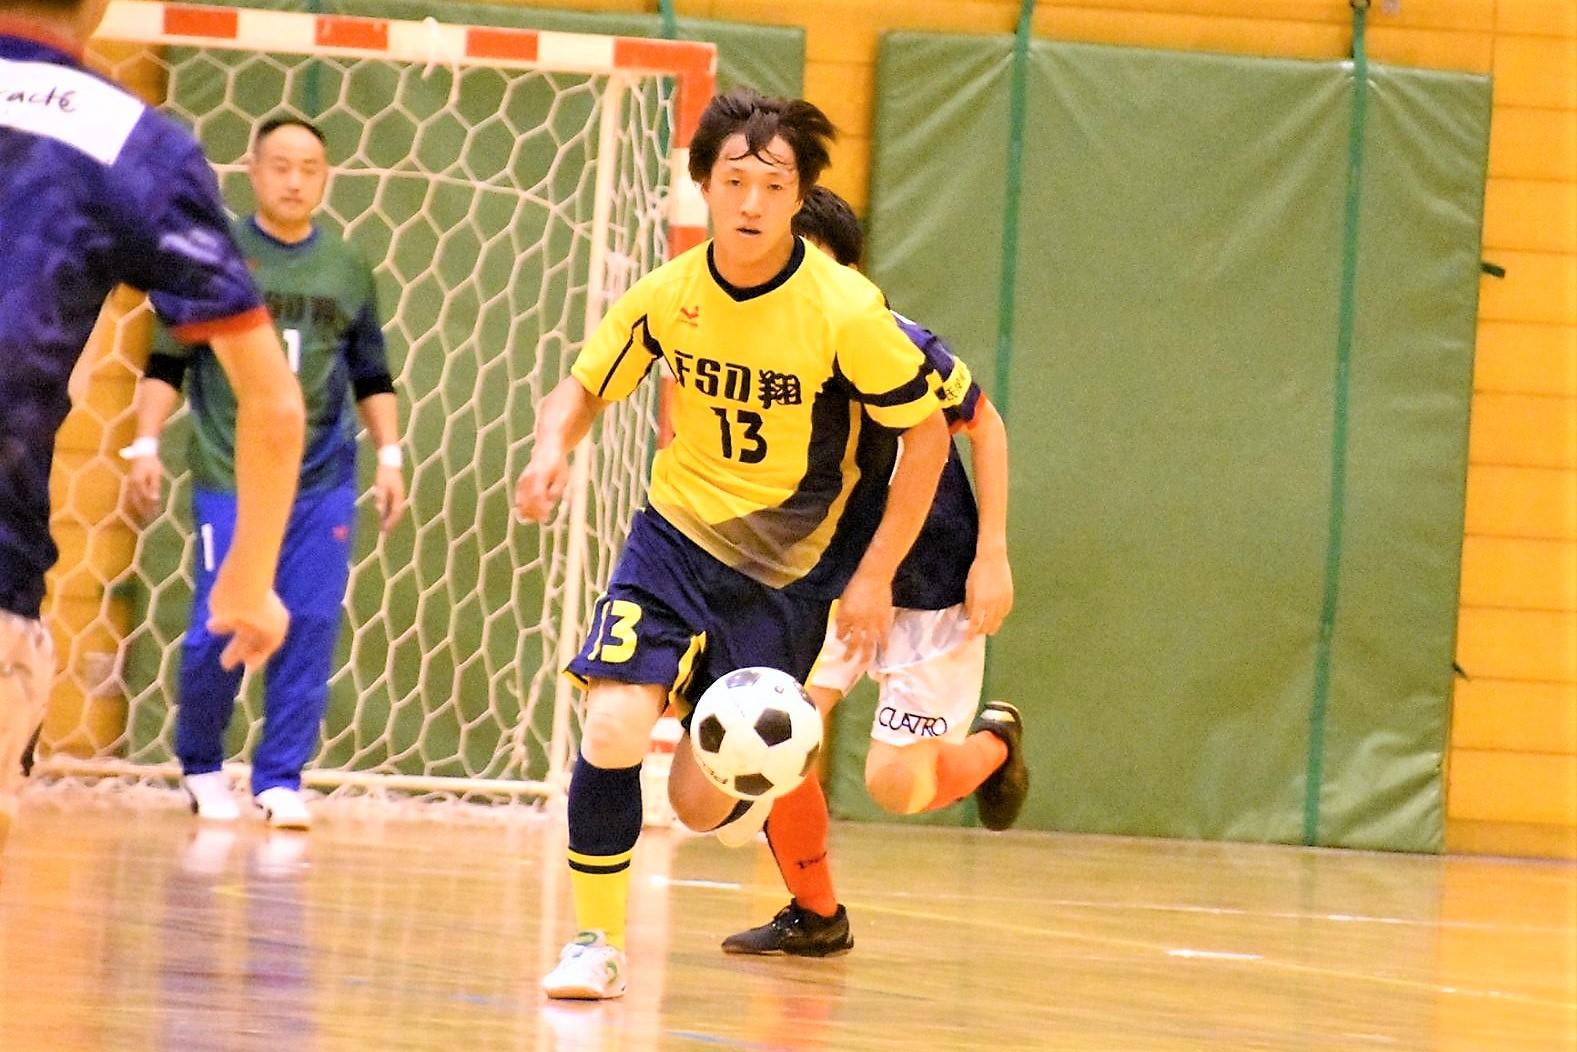 【愛知県1部第5節インタビュー】F・S・D翔 深谷 郁夫選手「逆に開き直って試合に入れたと思います。」